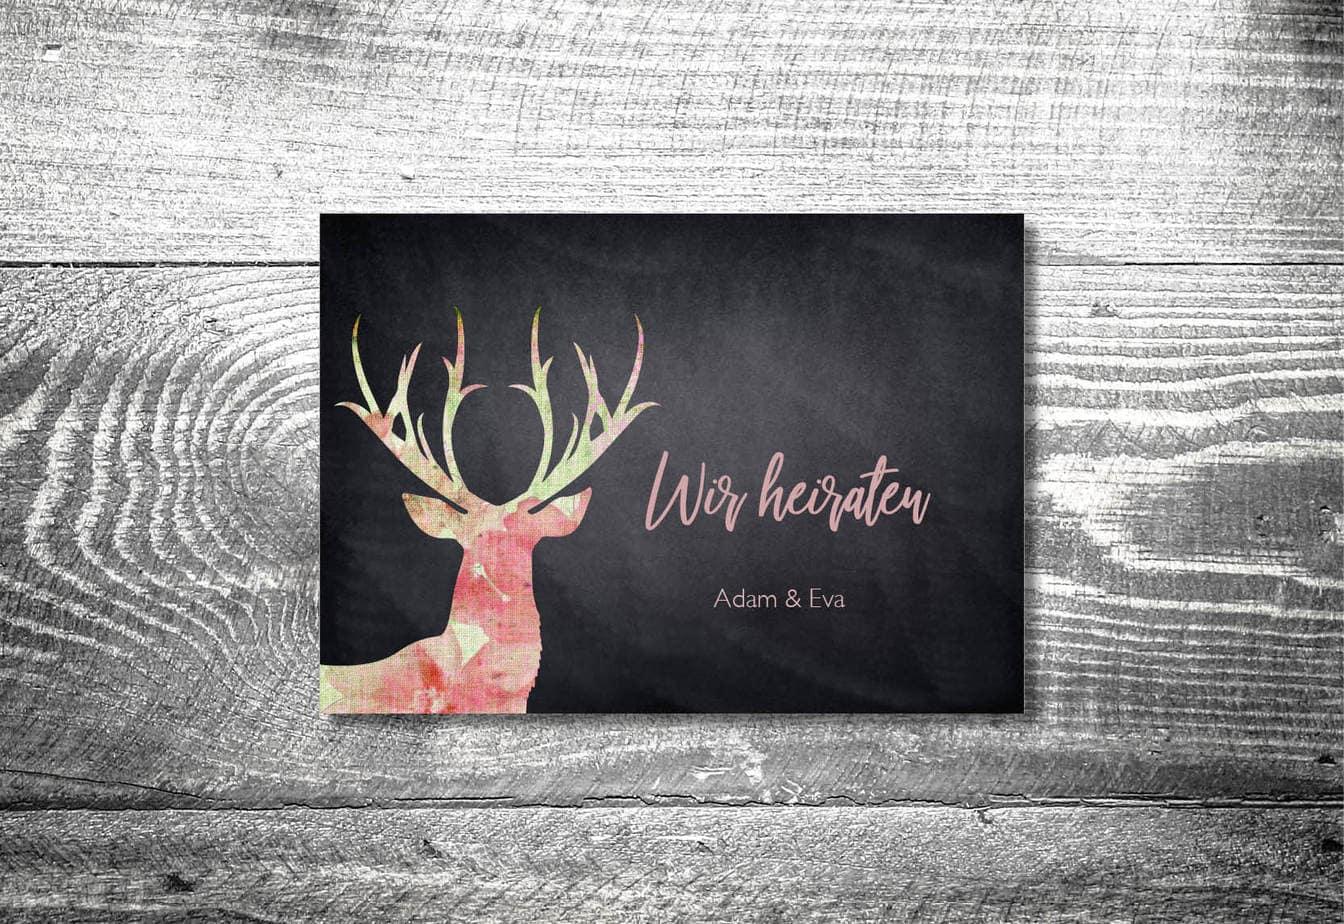 kartlerei karten drucken hochzeitseinladung heiraten bayrisch heimatgefuehl leinenhirsch einladung - Hochzeitscountdown Freebie